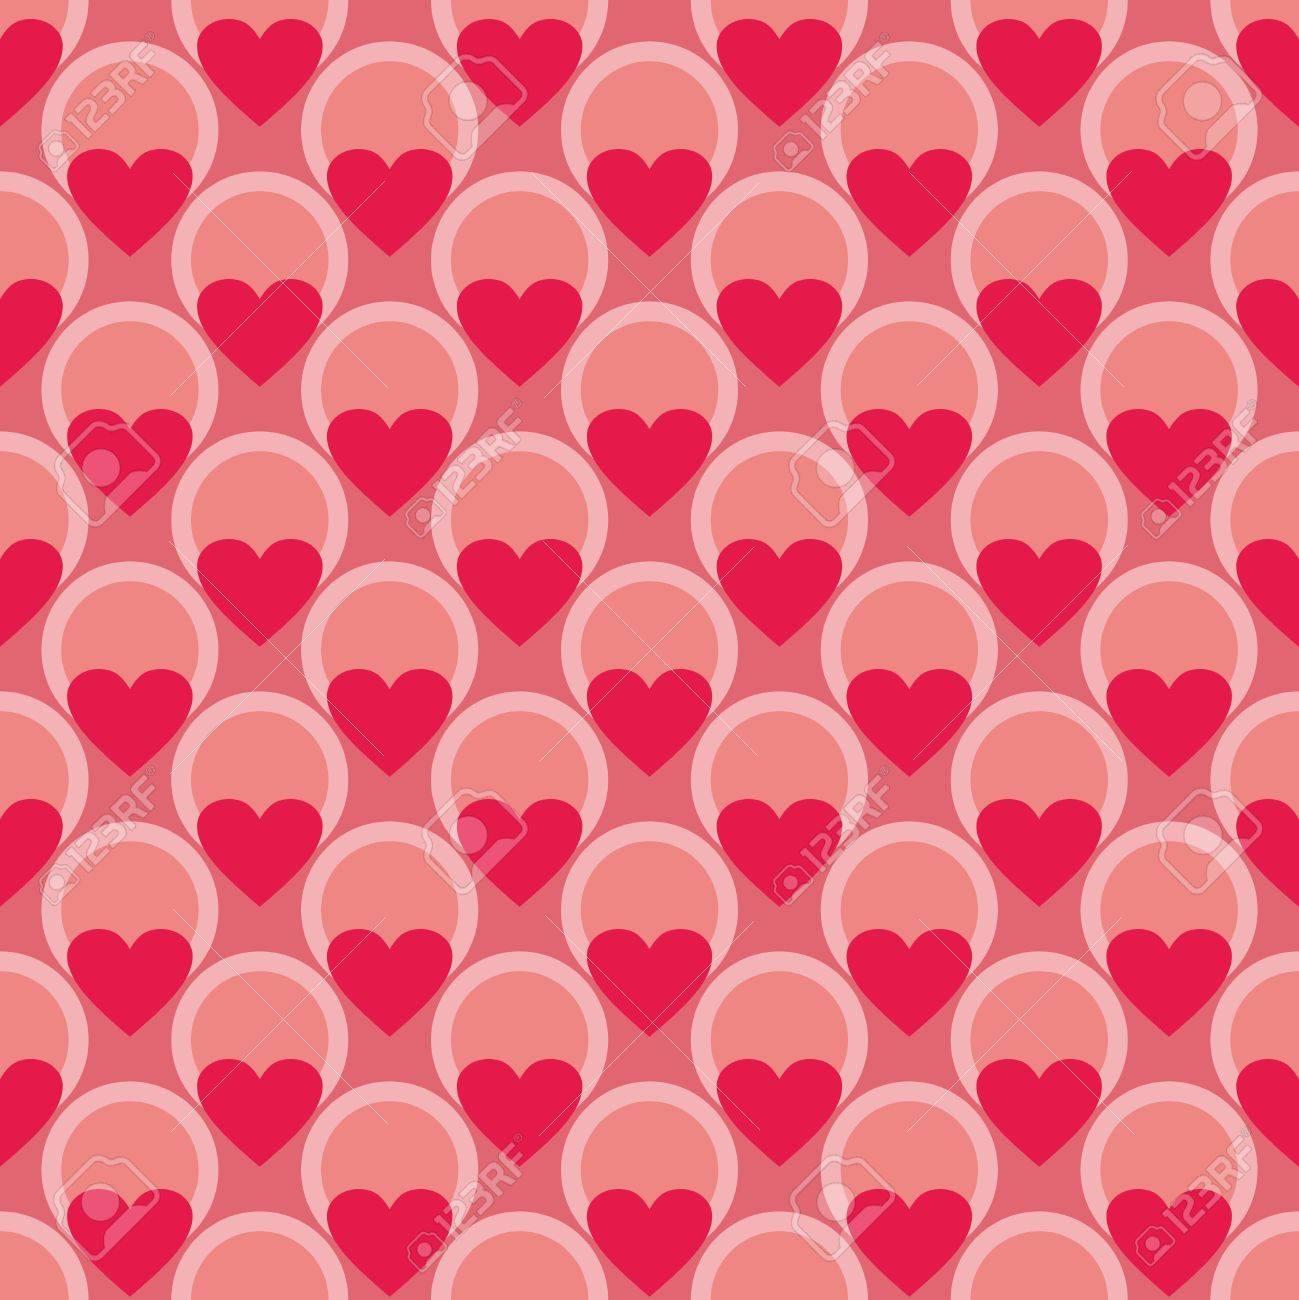 心と水玉ピンク色のタイルのベクトルの背景 かわいいシームレスの